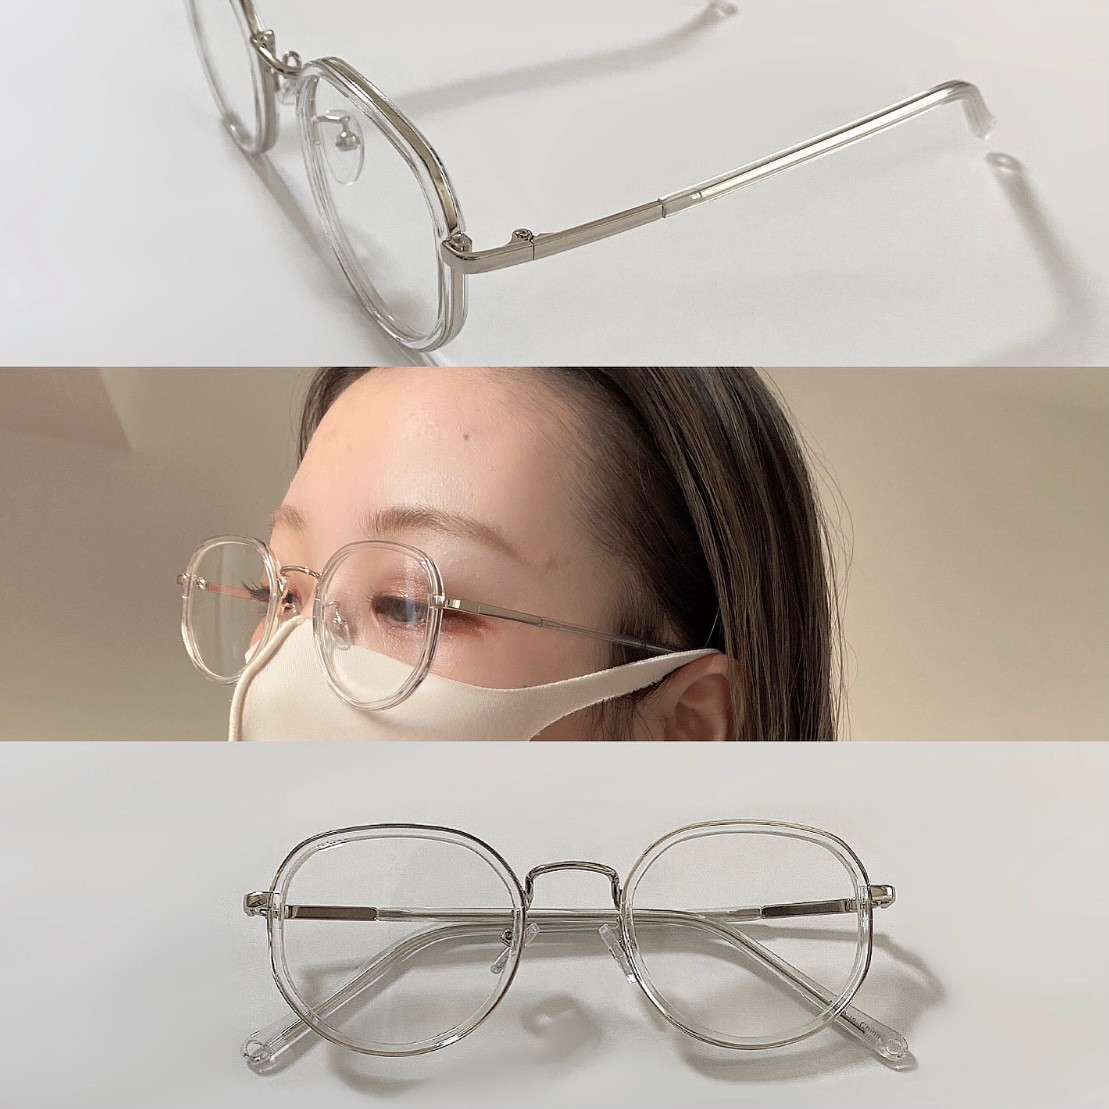 clear eye wear#2